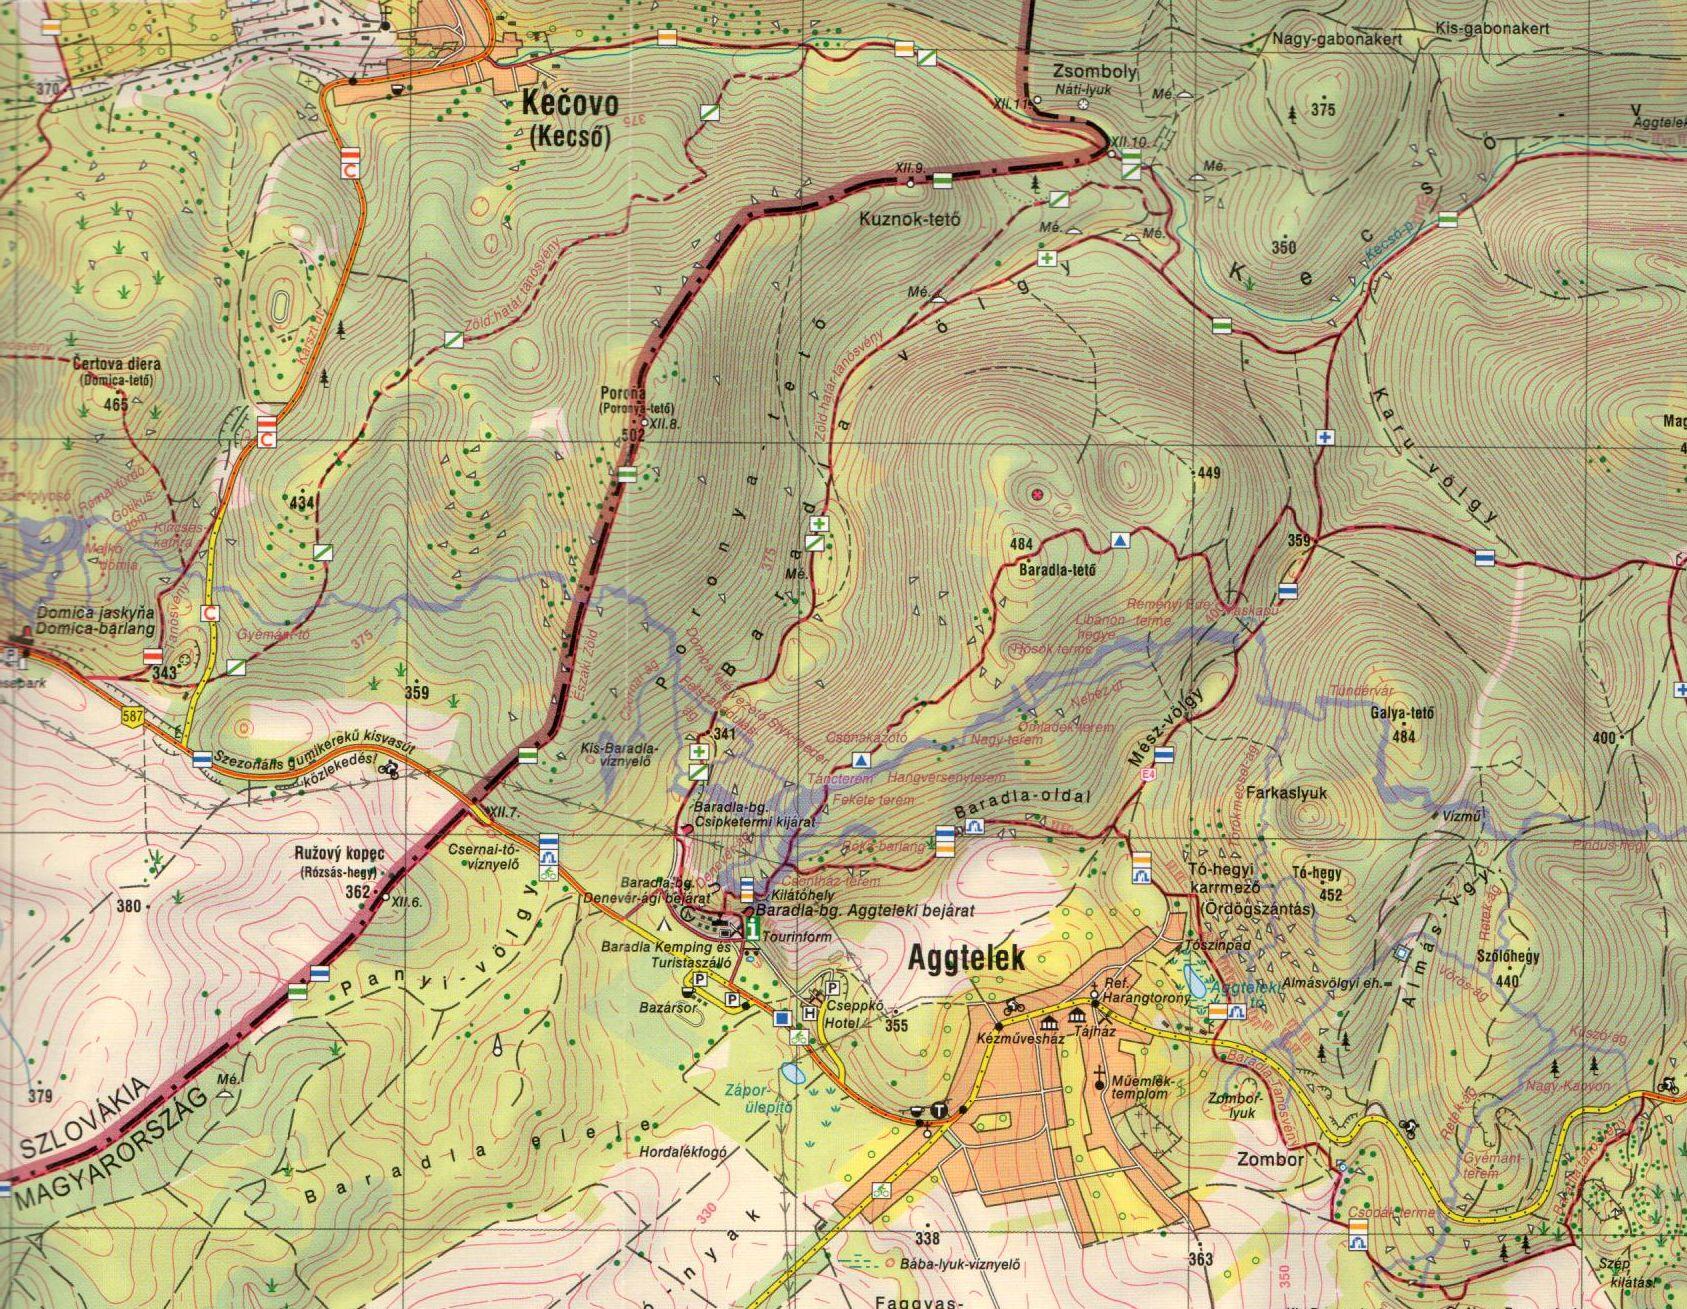 Gömör-Tornai (Aggteleki karszt mintatérkép 1:20.000